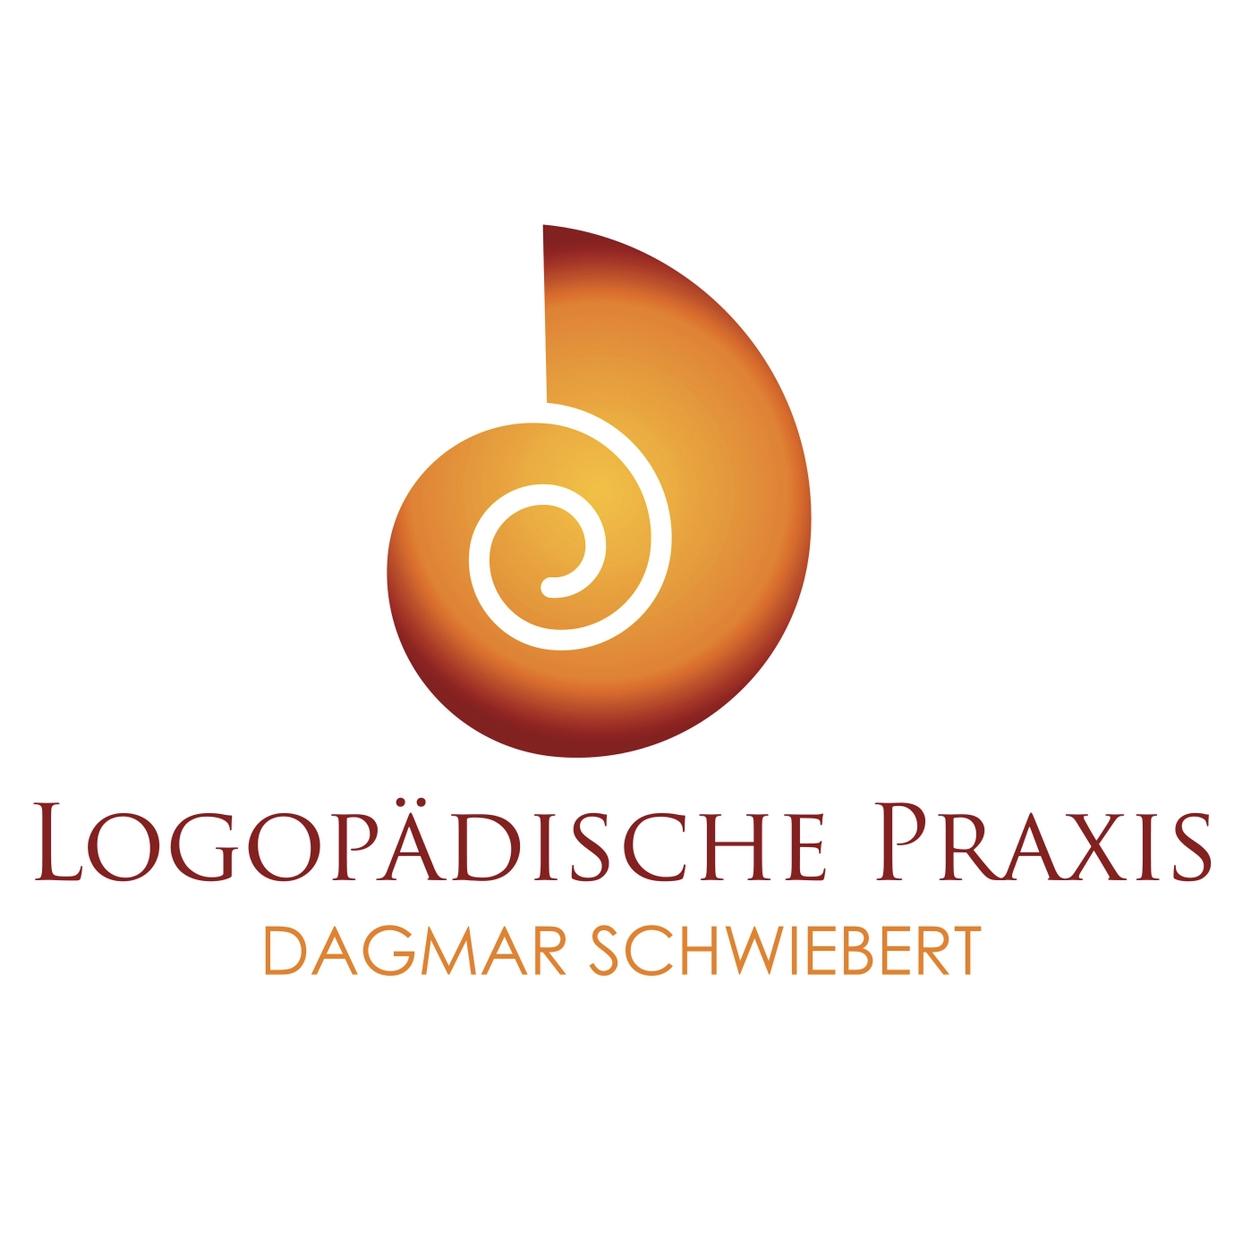 Logopädische Praxis D. Schwiebert